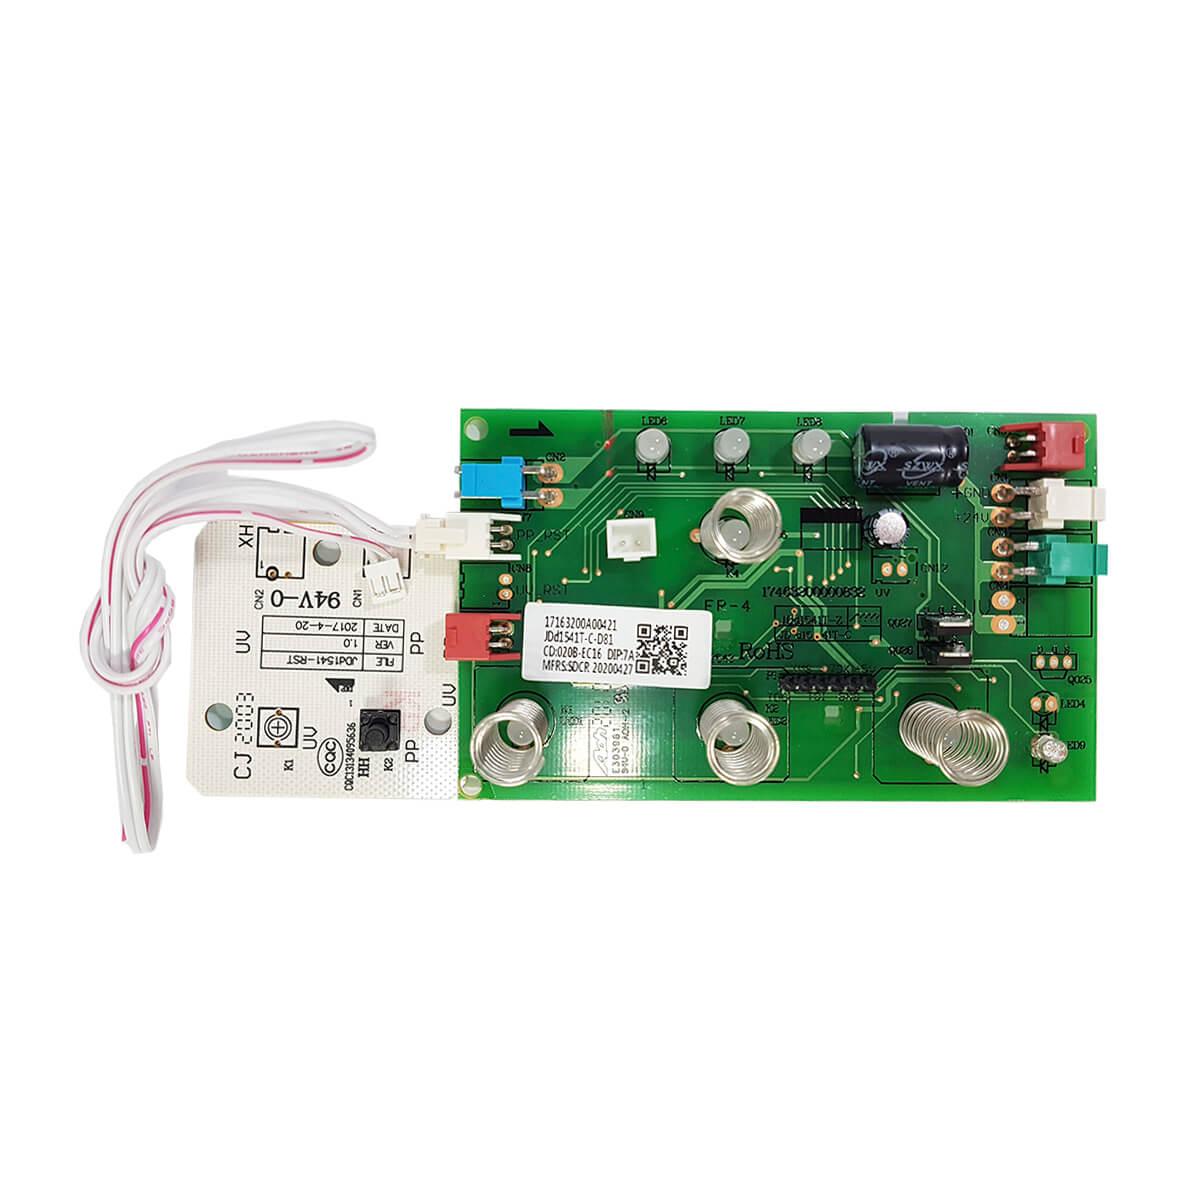 Placa Interface Com Reset Para Purificador De Água Pa26g Pa21g Electrolux - A13034701